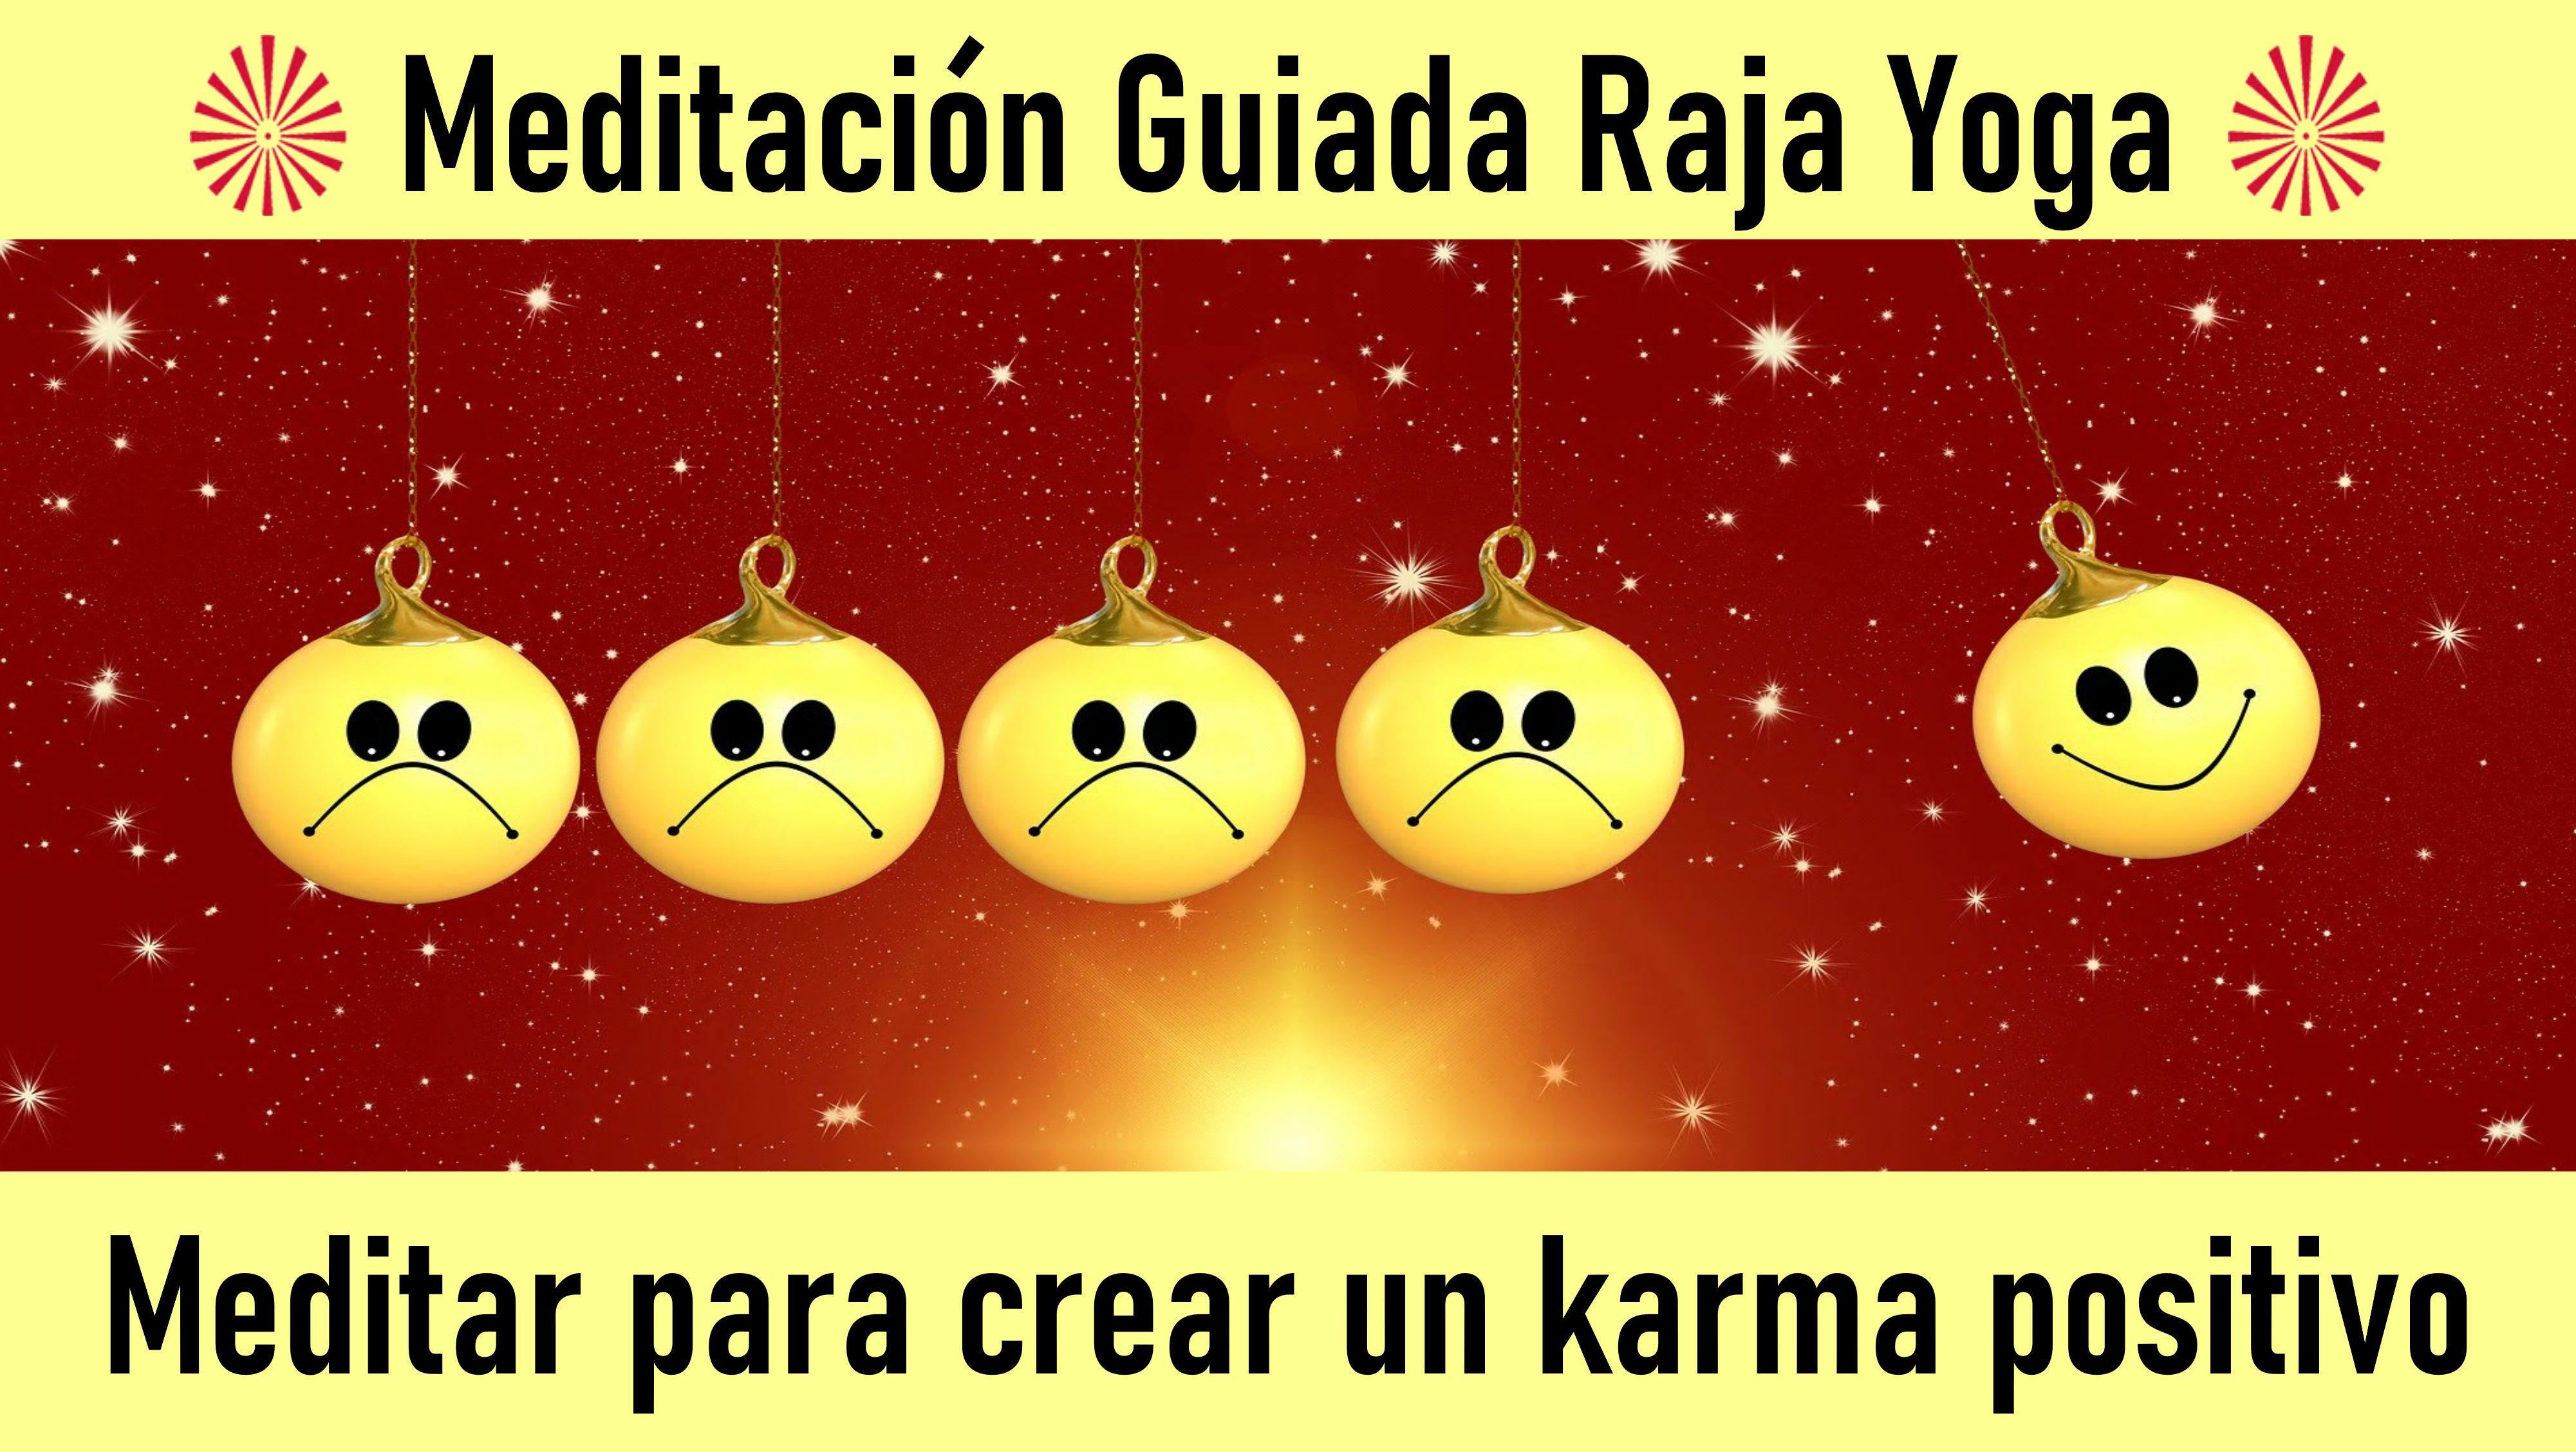 15 Julio 2020 Meditación Guiada:Meditar para crear un karma positivo